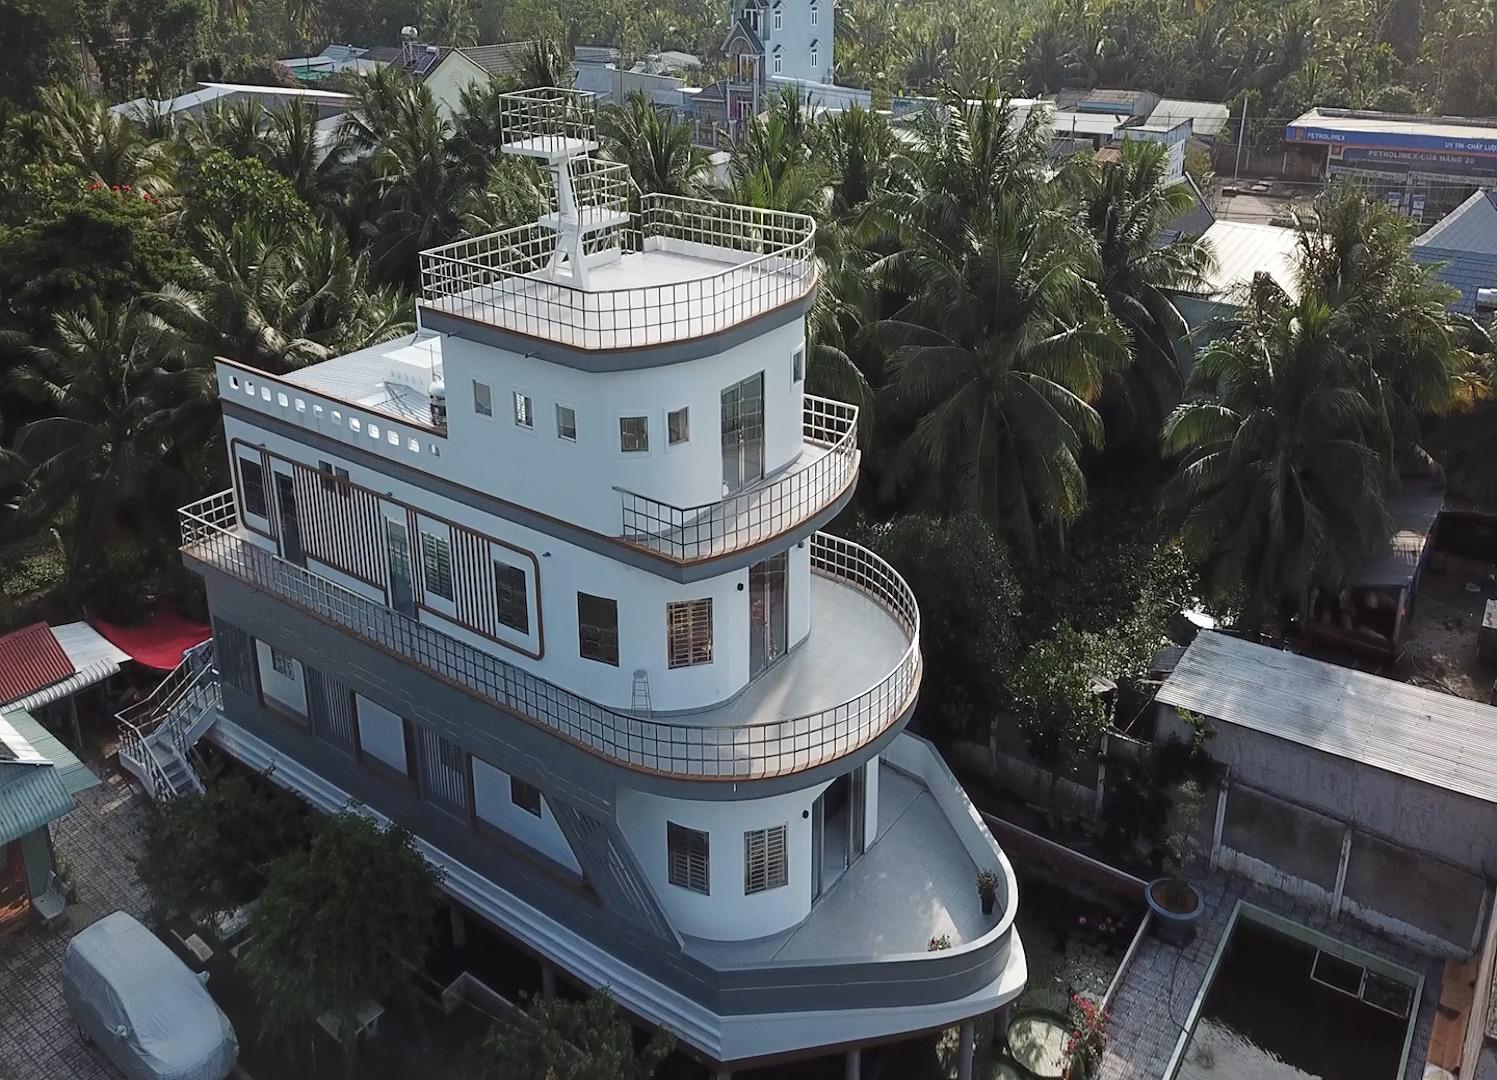 Video: Độc lạ căn nhà giống du thuyền nổi bật nhất miền Tây - Ảnh 3.